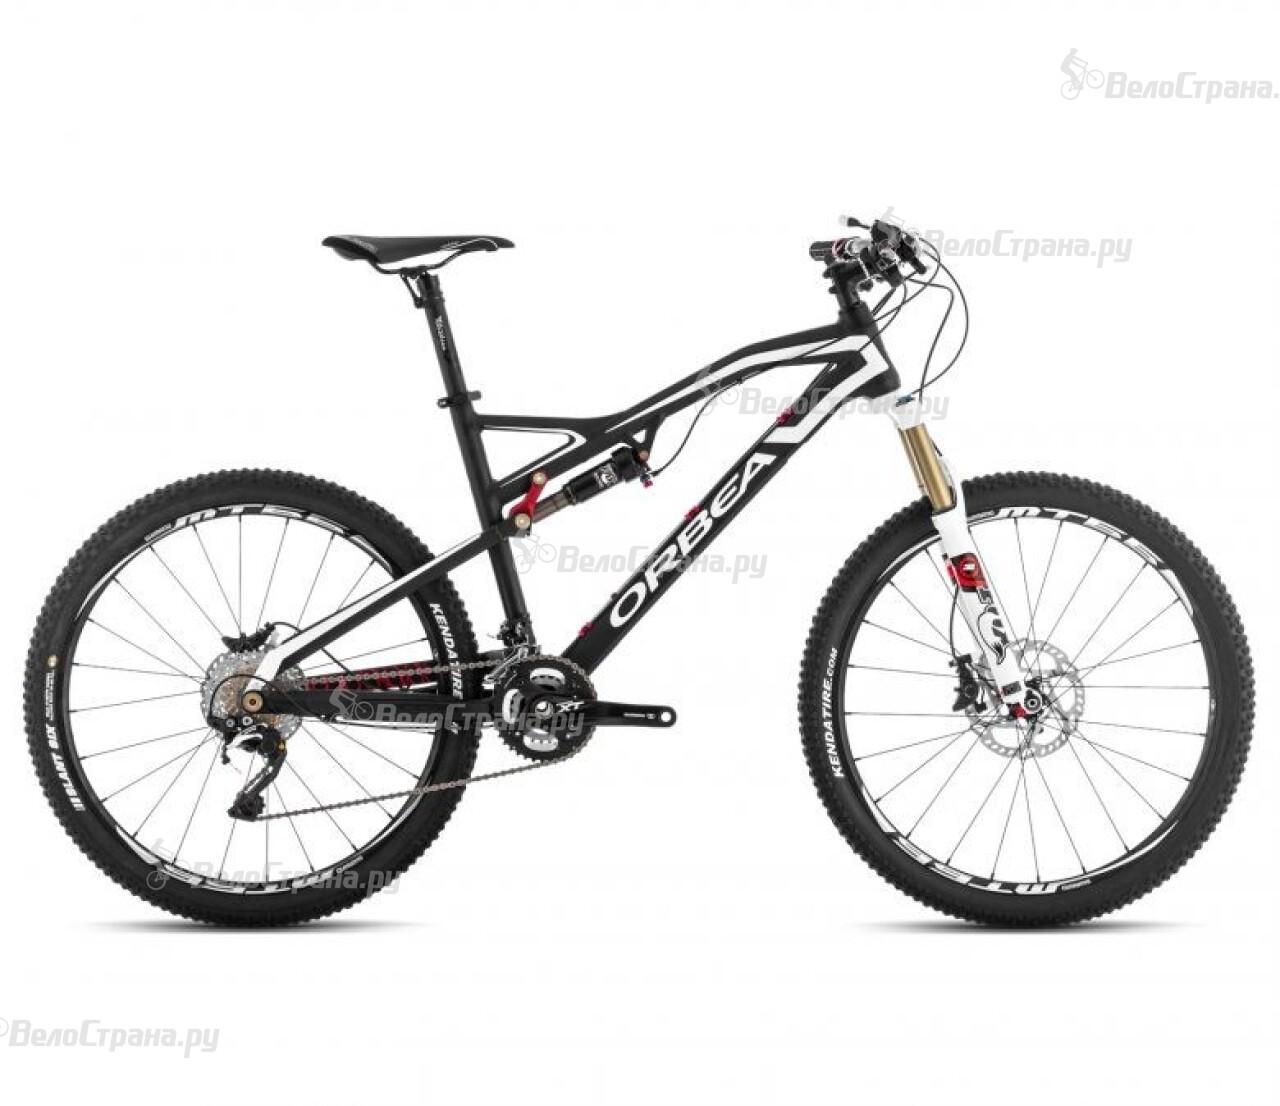 Велосипед Orbea Occam H10 (2014) велосипед orbea occam m10 2014